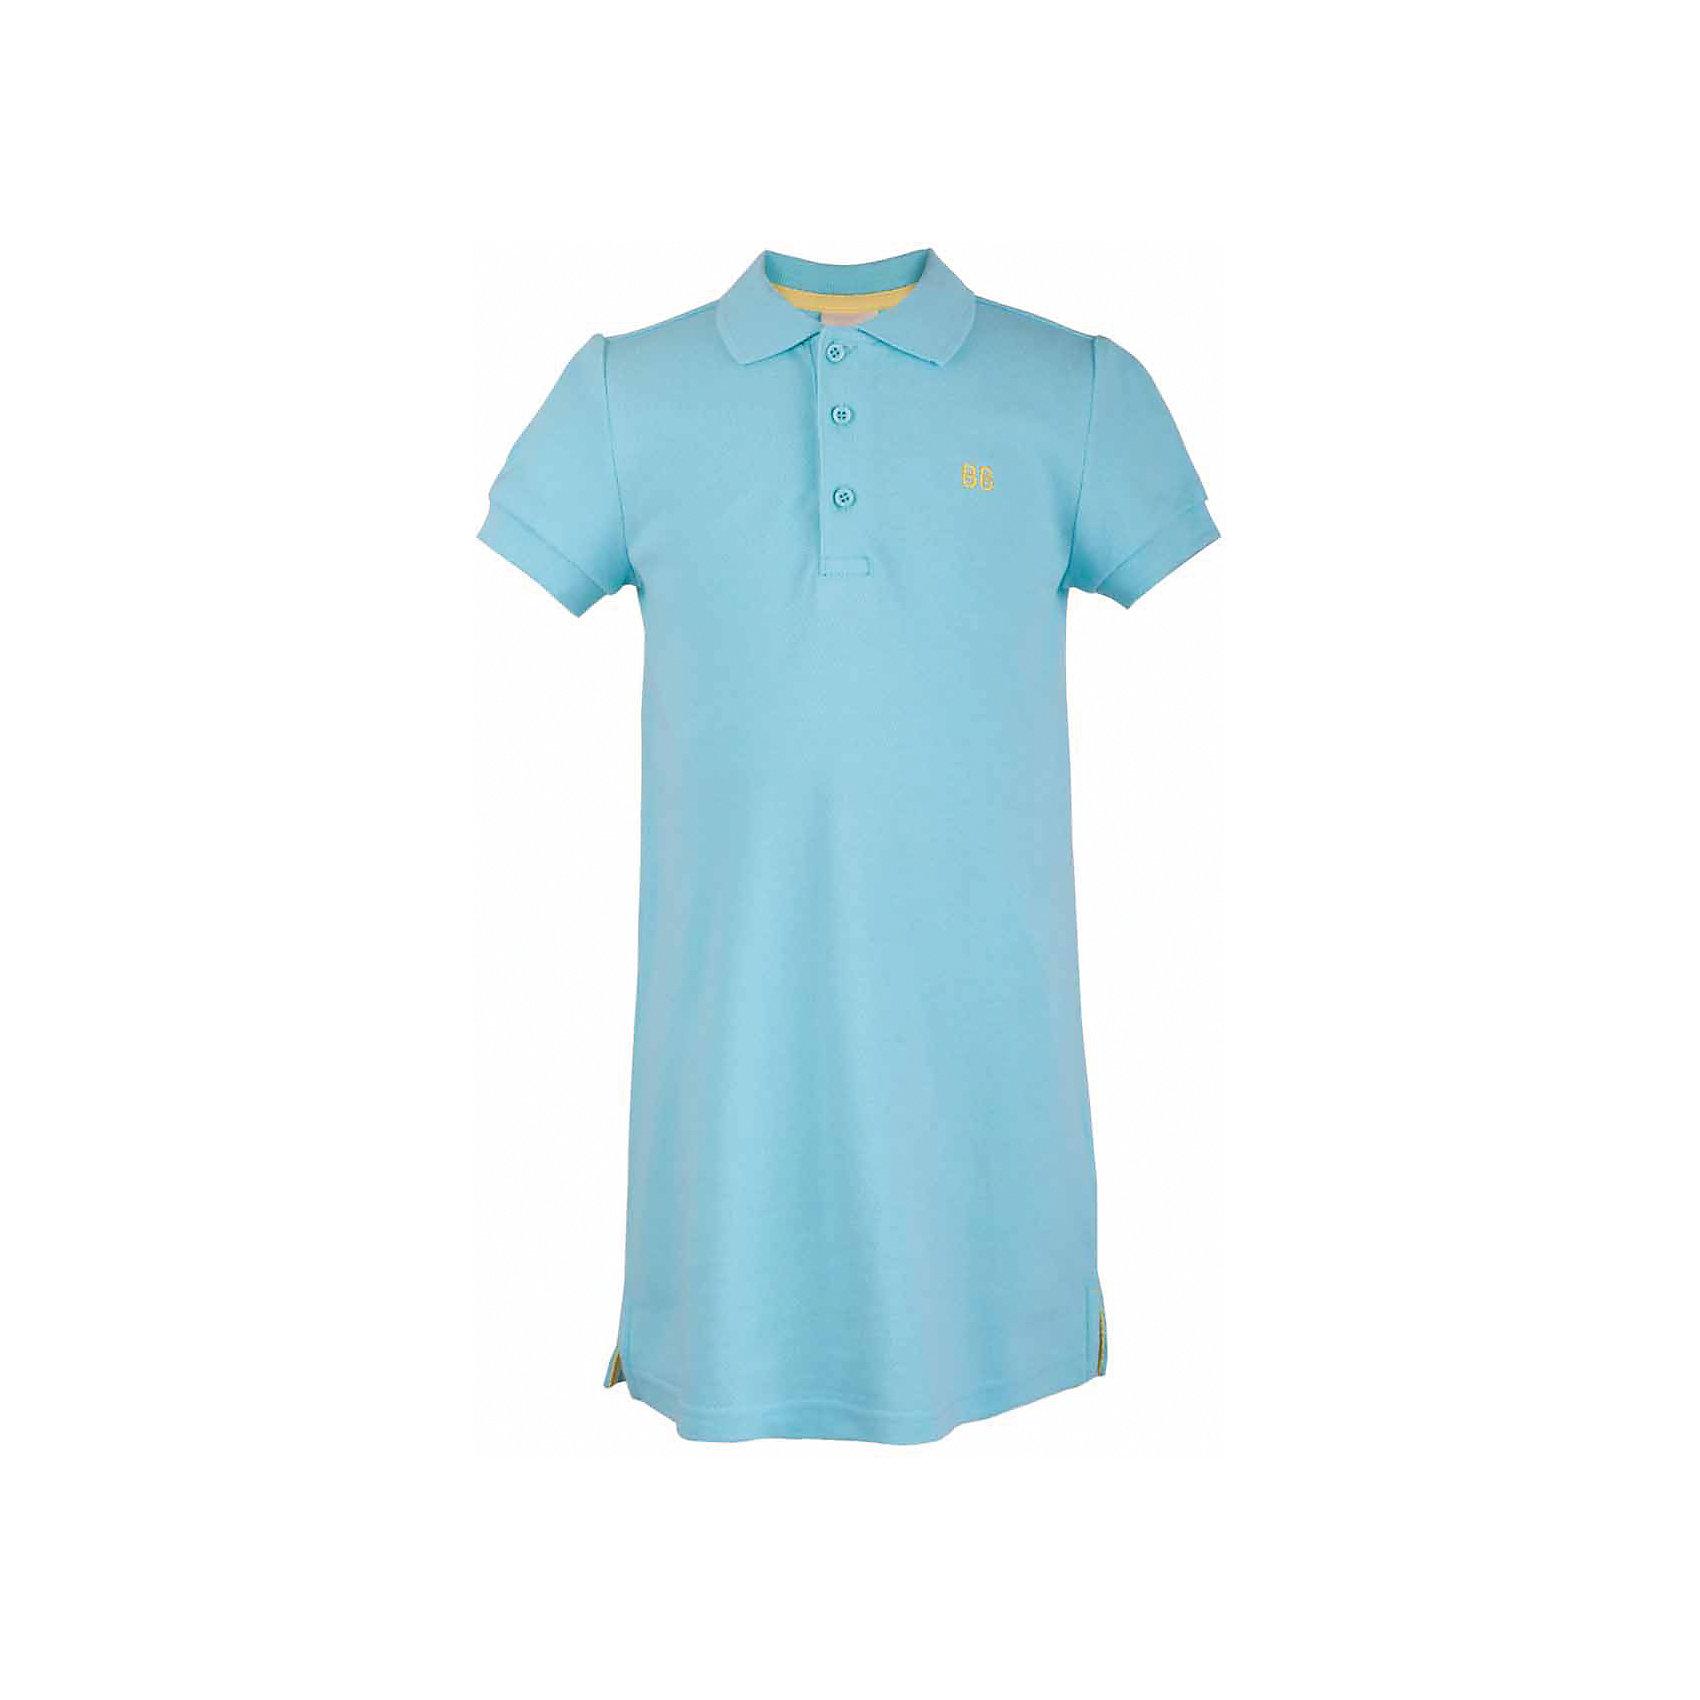 Платье для девочки  BUTTON BLUEПлатья и сарафаны<br>Платье для девочки  BUTTON BLUE<br>Хит прогулочного летнего гардероба, трикотажное платье в спортивном стиле, выглядит отлично! Модный трапециевидный силуэт, яркий цвет, воротник с застежкой поло делают платье идеальным решением на каждый день. Купить детское трикотажное платье от Button Blue, значит, позаботиться о комфорте и прекрасном внешнем виде своего ребенка.<br>Состав:<br>100%  хлопок<br><br>Ширина мм: 236<br>Глубина мм: 16<br>Высота мм: 184<br>Вес г: 177<br>Цвет: зеленый<br>Возраст от месяцев: 24<br>Возраст до месяцев: 36<br>Пол: Женский<br>Возраст: Детский<br>Размер: 98,158,152,146,140,134,128,122,116,110,104<br>SKU: 5523473